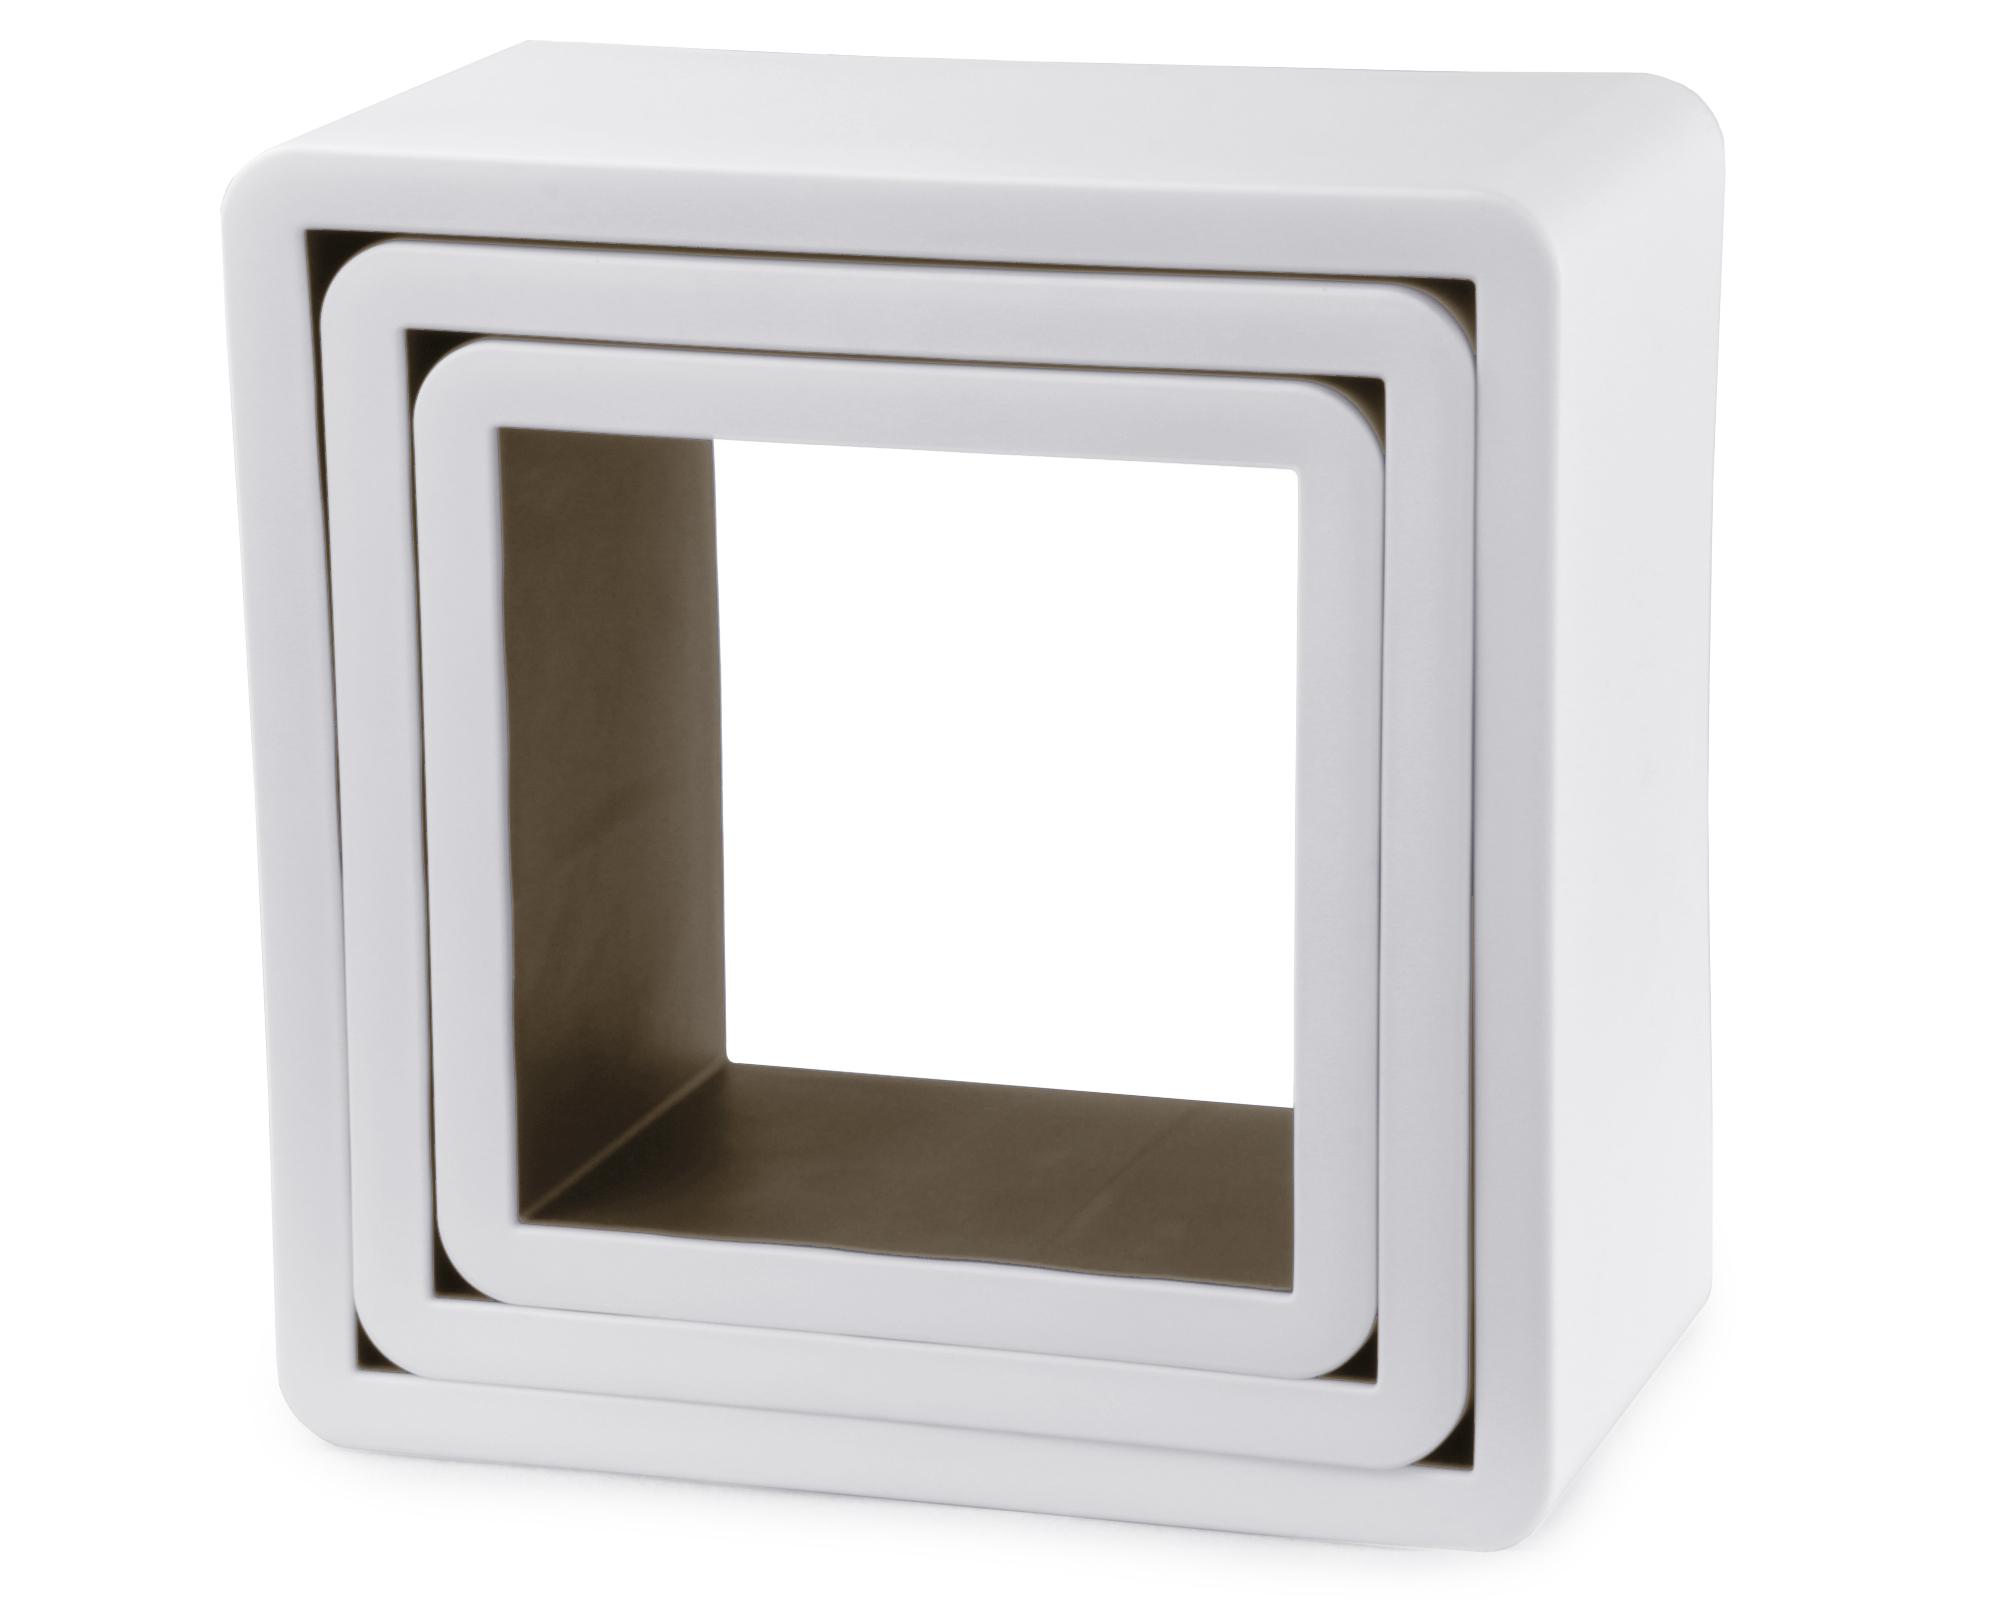 ondis24 regal wandregal wei 3er set b cherregal g nstig. Black Bedroom Furniture Sets. Home Design Ideas